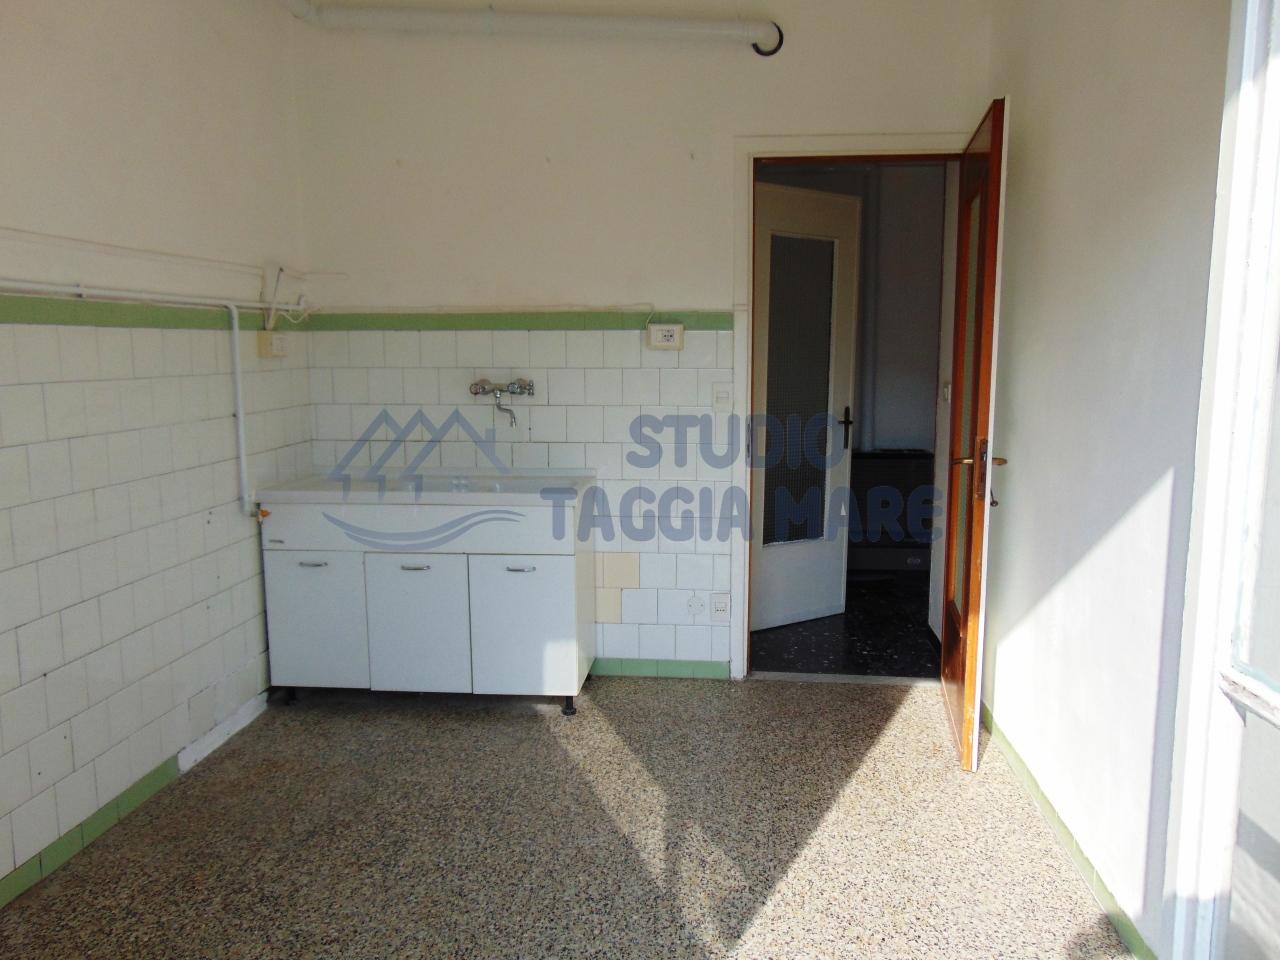 Appartamento in affitto a Taggia, 2 locali, prezzo € 400 | Cambio Casa.it